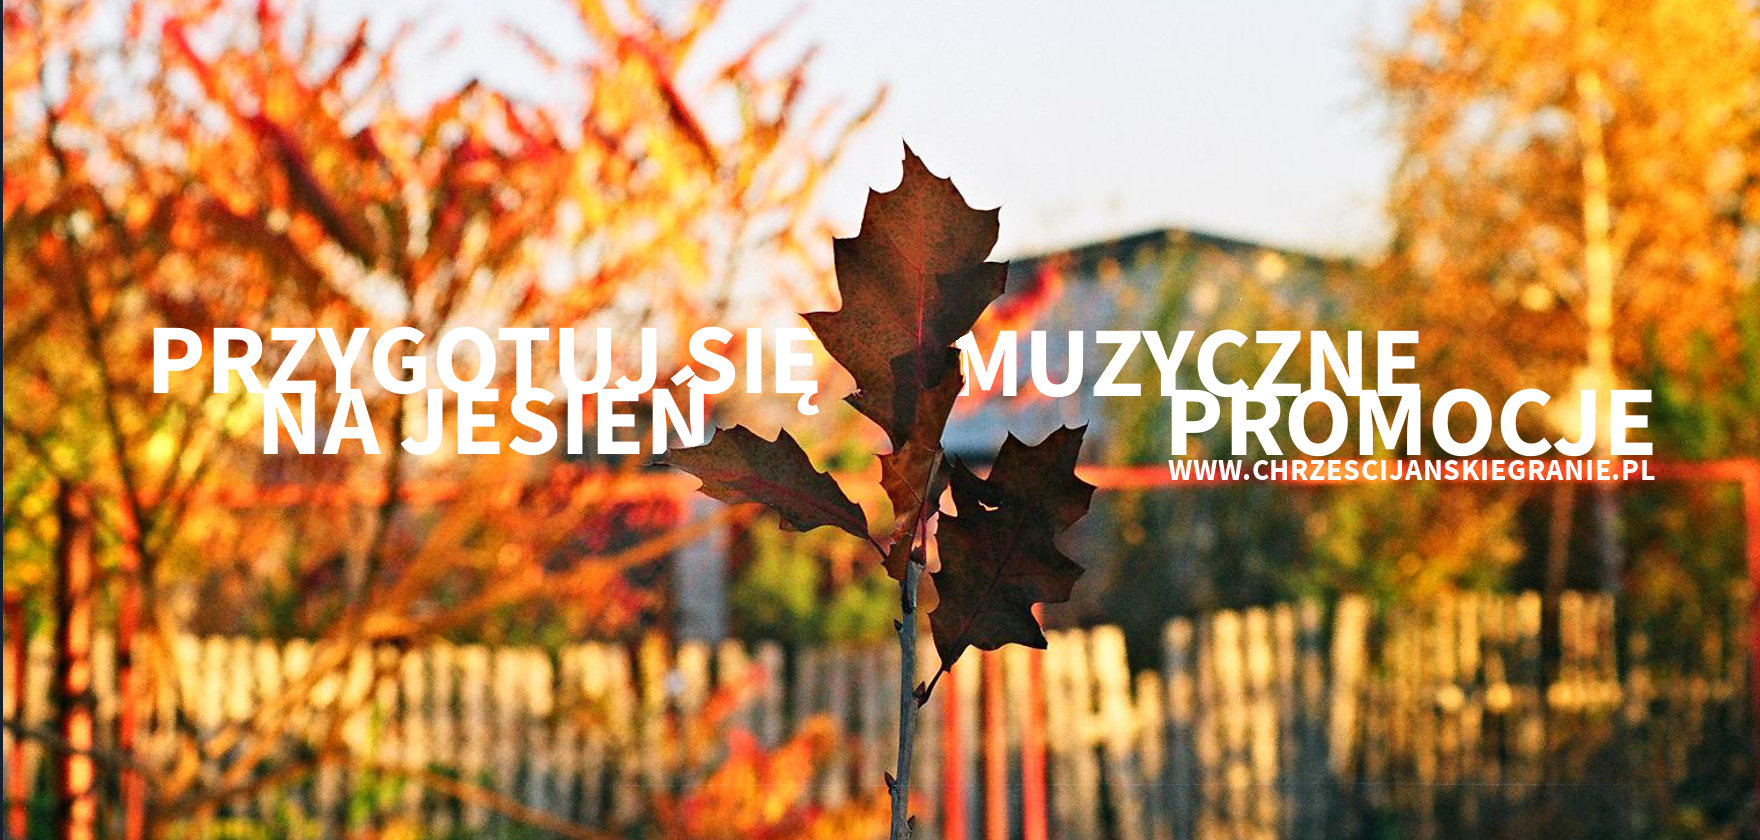 jesiennie promocje